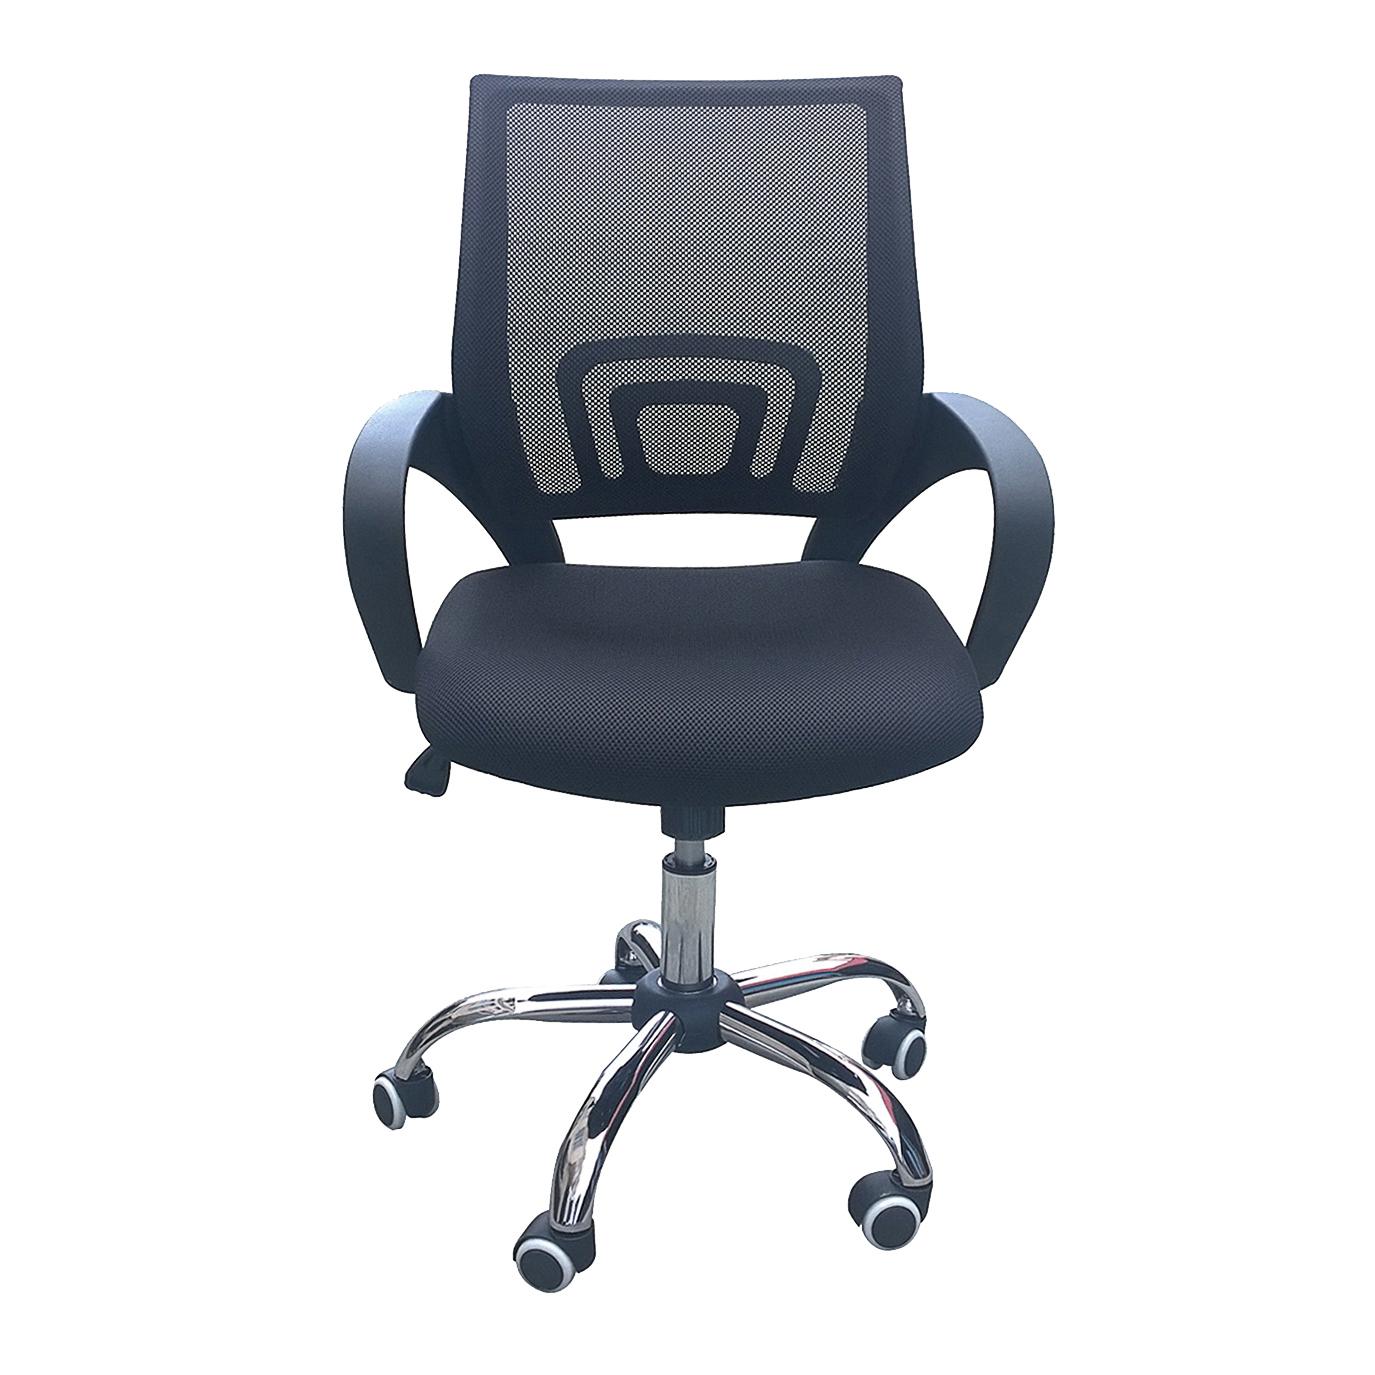 Eastner Mesh Back Office Chair Black